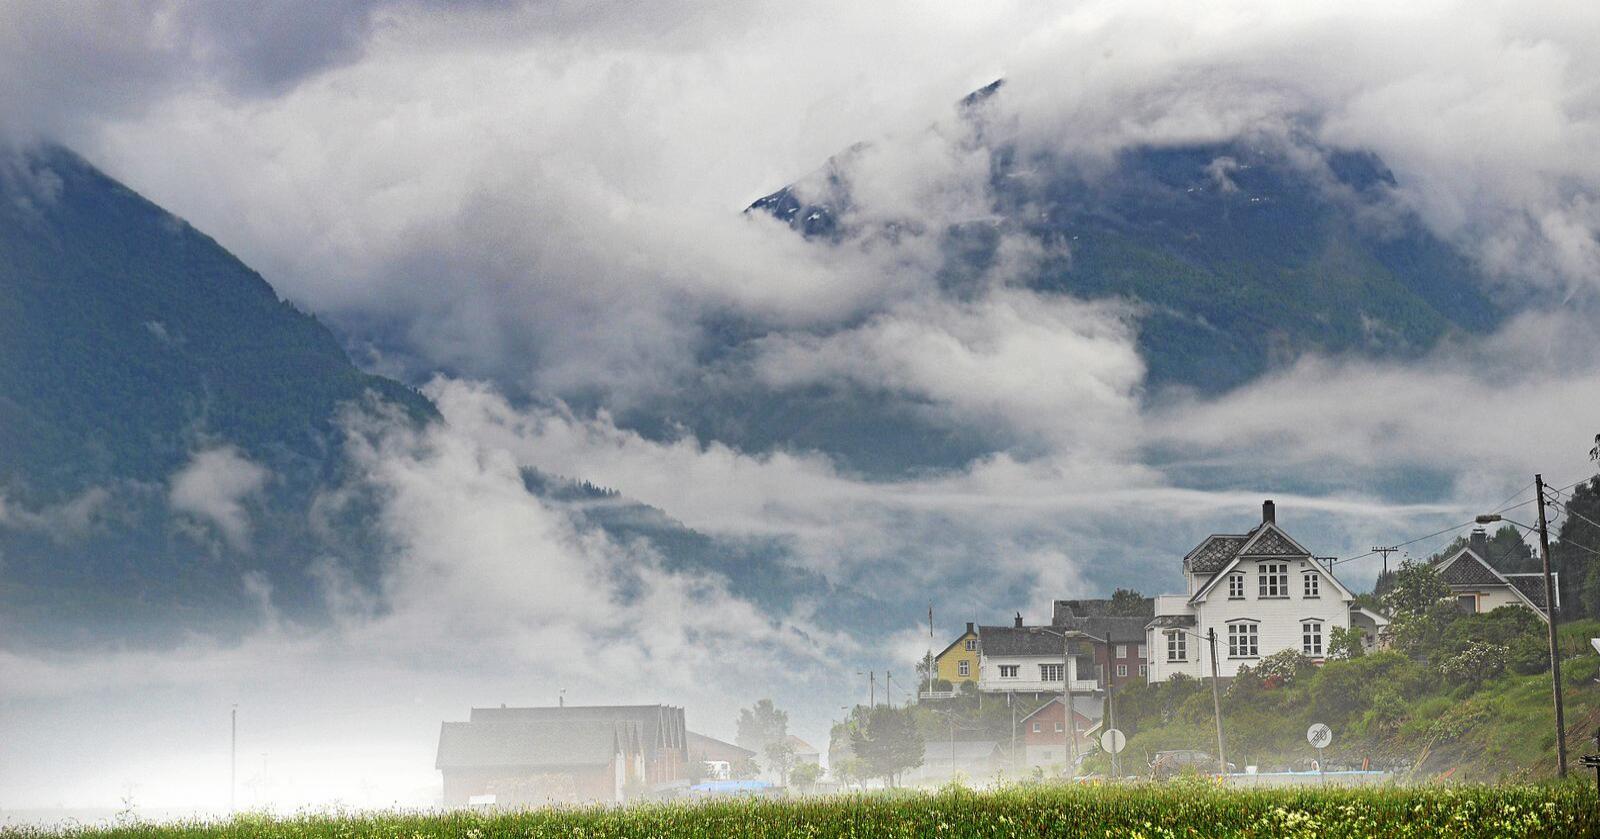 Distrikt: Sentralisering kan utfordre spredt bosetting, skriver innsenderne. Foto: Siri Juell Rasmussen